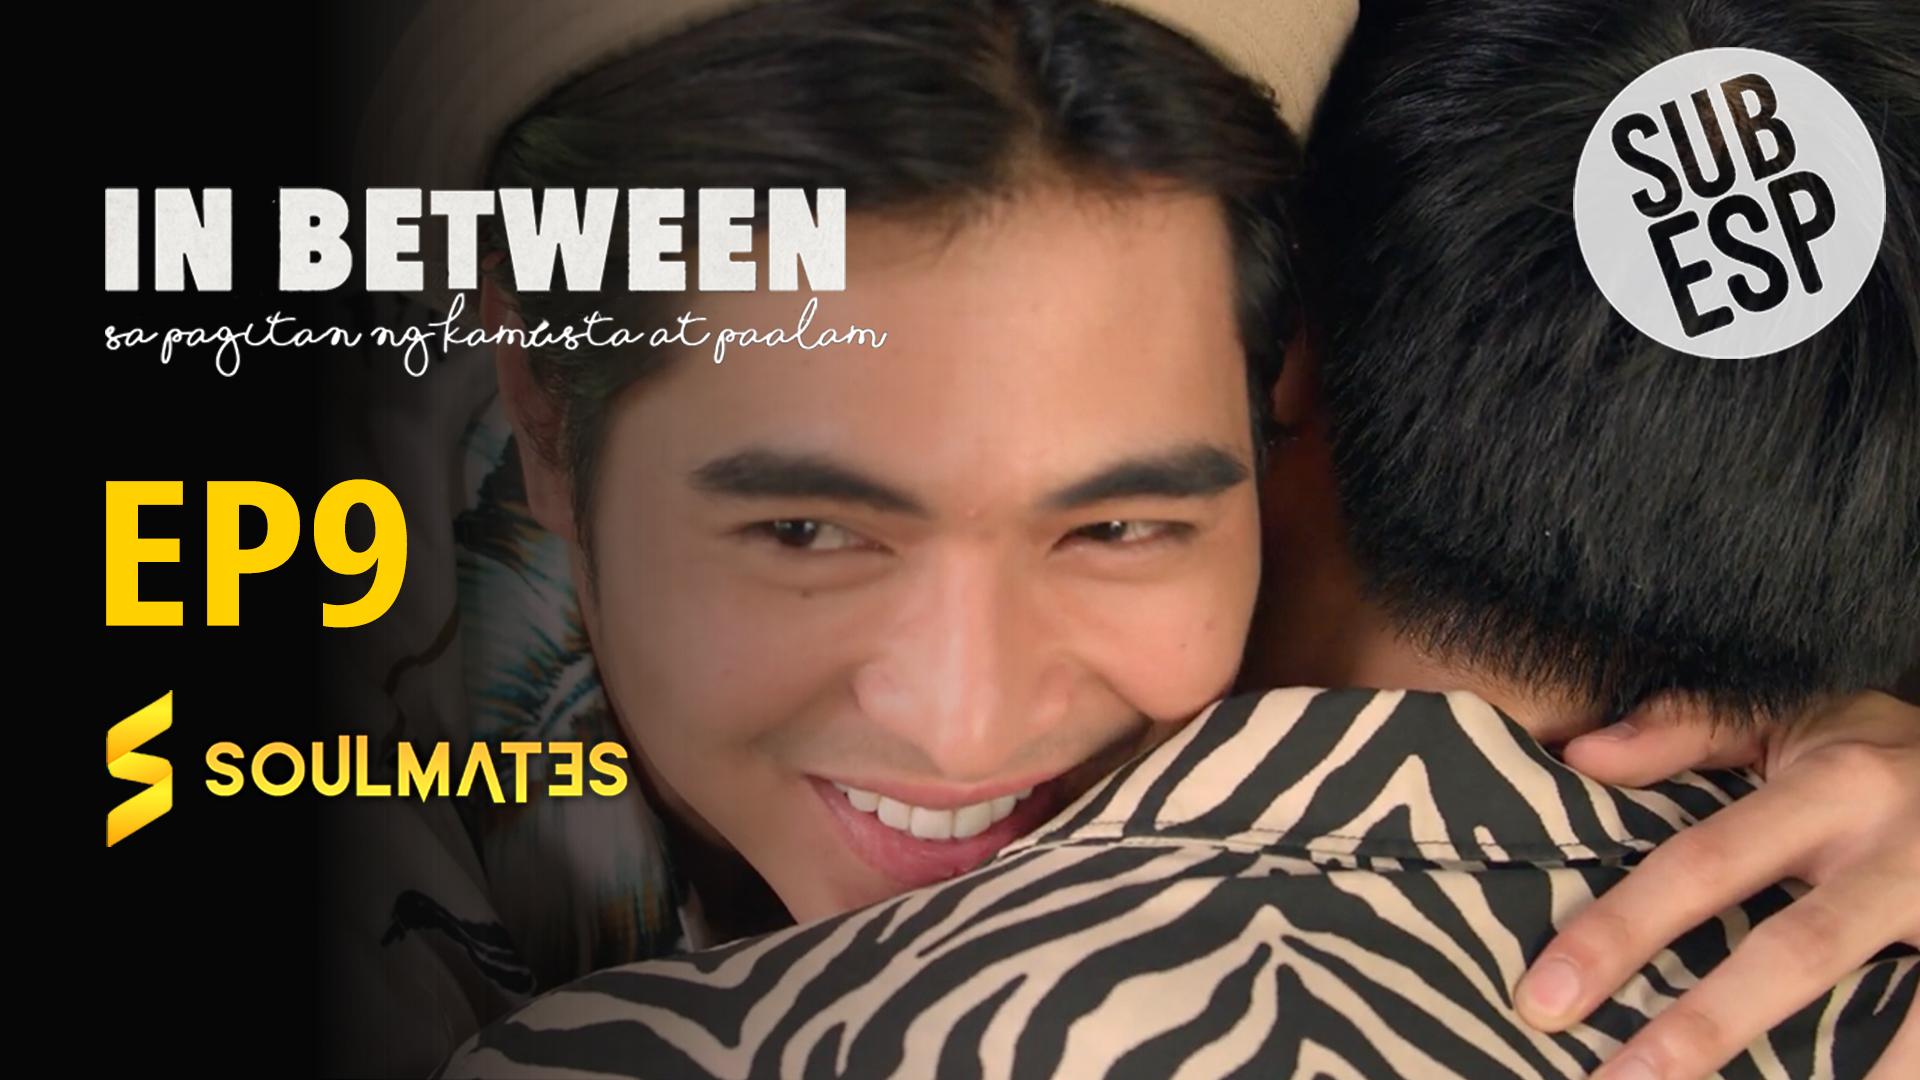 In between: T1-E9